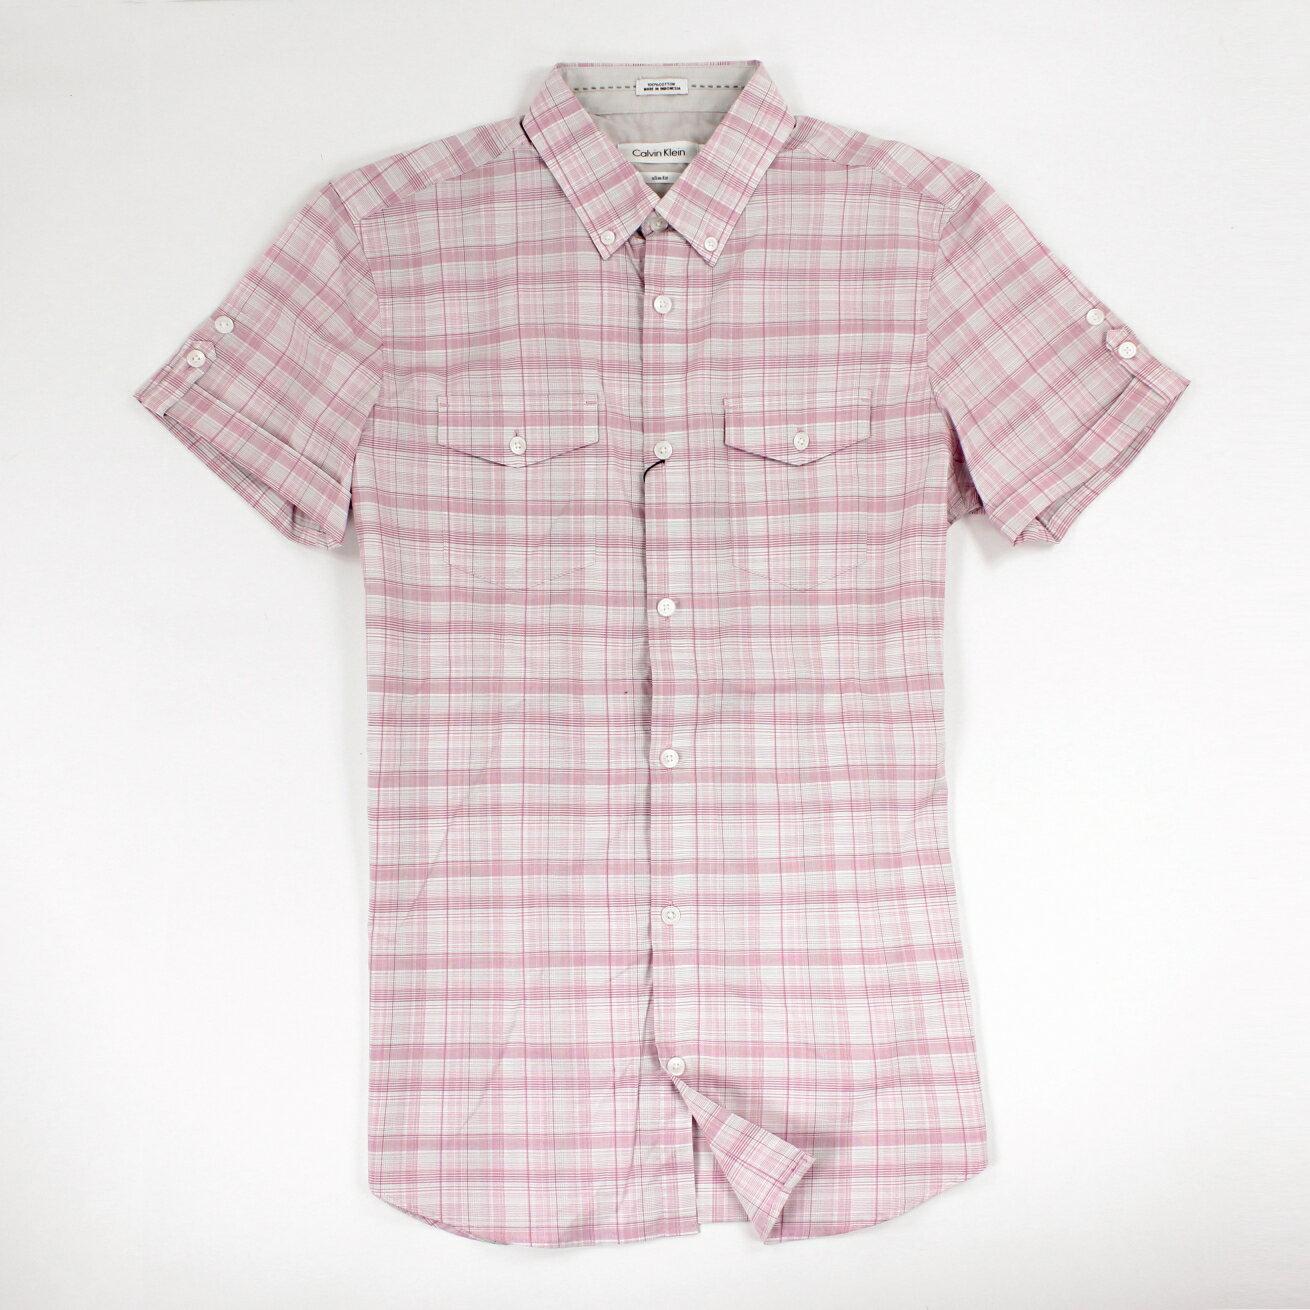 美國百分百【全新真品】Calvin Klein 襯衫 CK 男衣 短袖 上班 休閒 合身 格紋 XS M 粉紅 E237